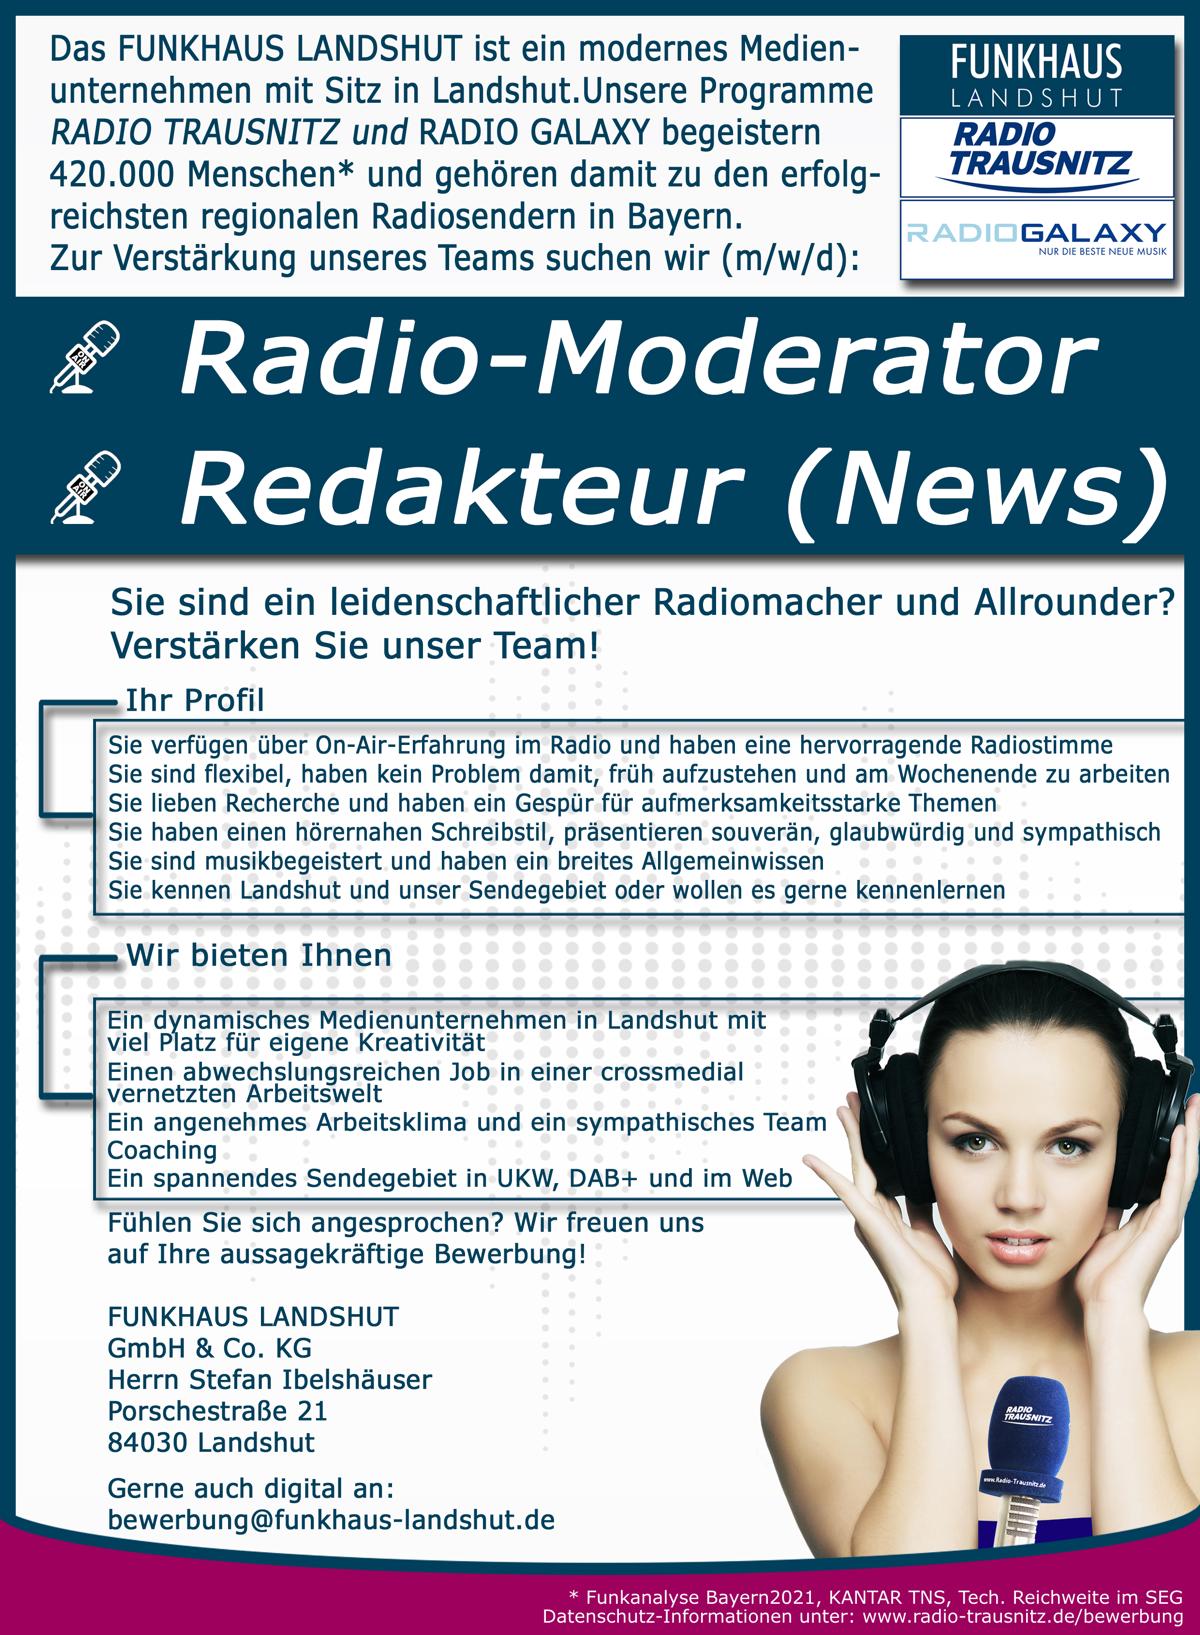 FUNKHAUS LANDSHUT sucht Radio-Moderator / Redakteur (News) (m/w/d)